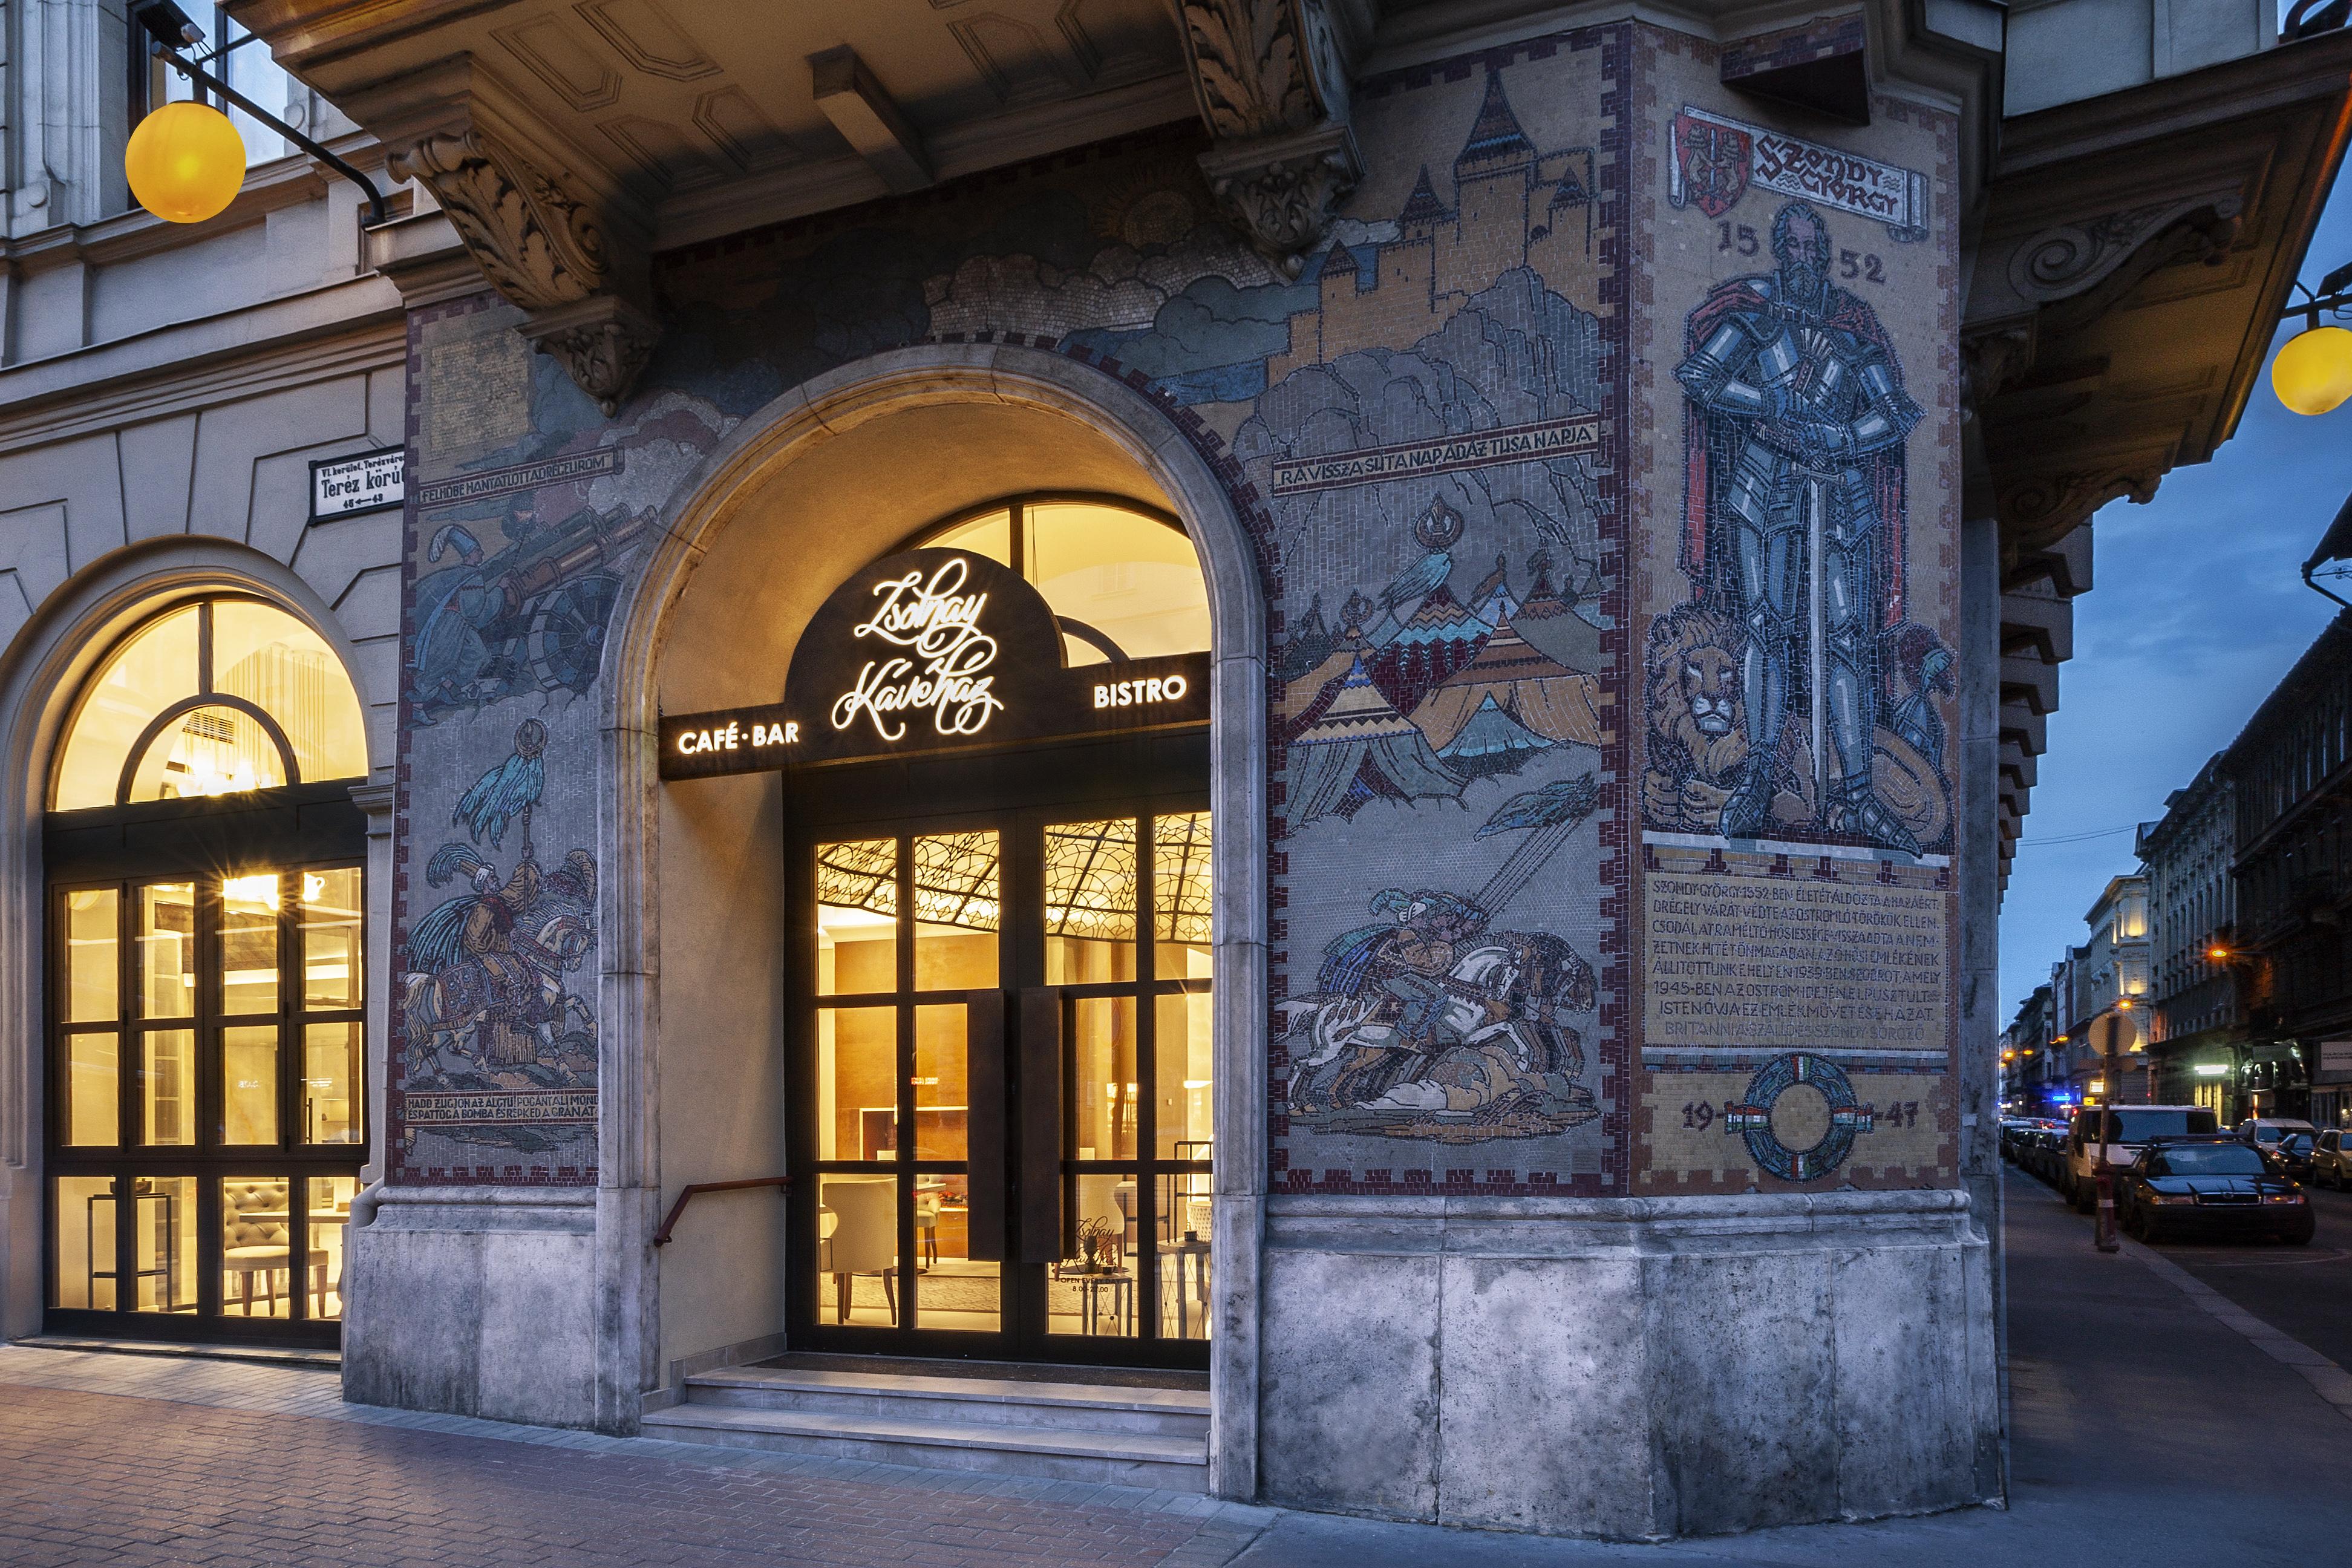 zsolnay_cafe_entrance.jpg